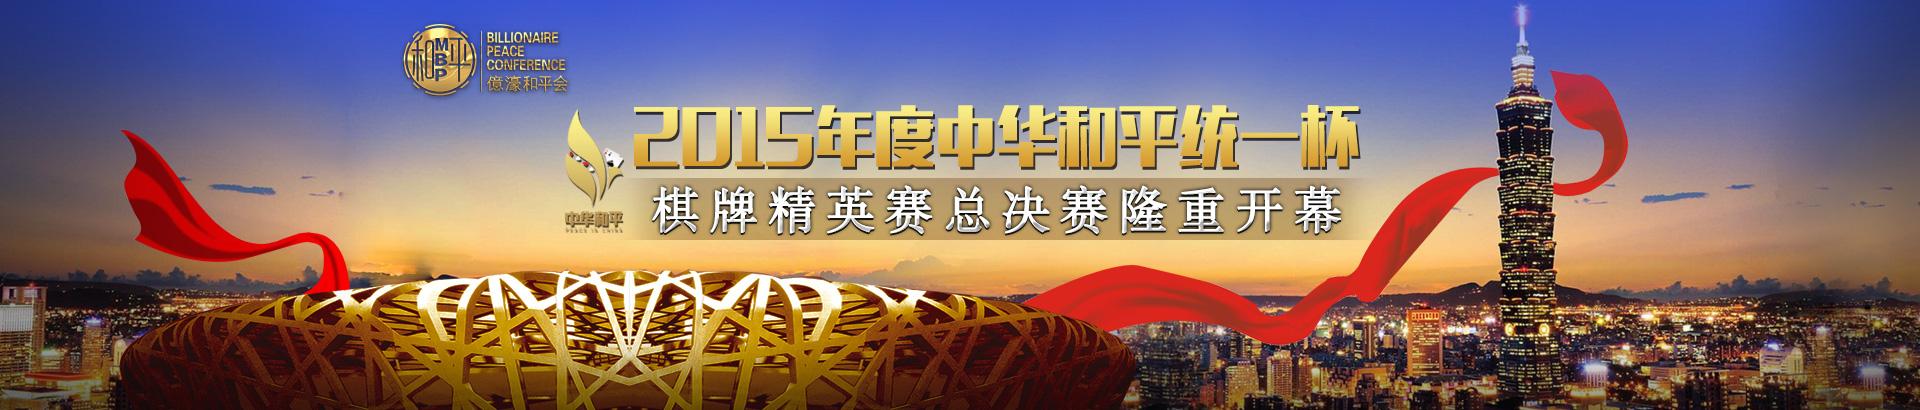 2015年度中华和平统一杯棋牌精英赛总决赛隆重开幕